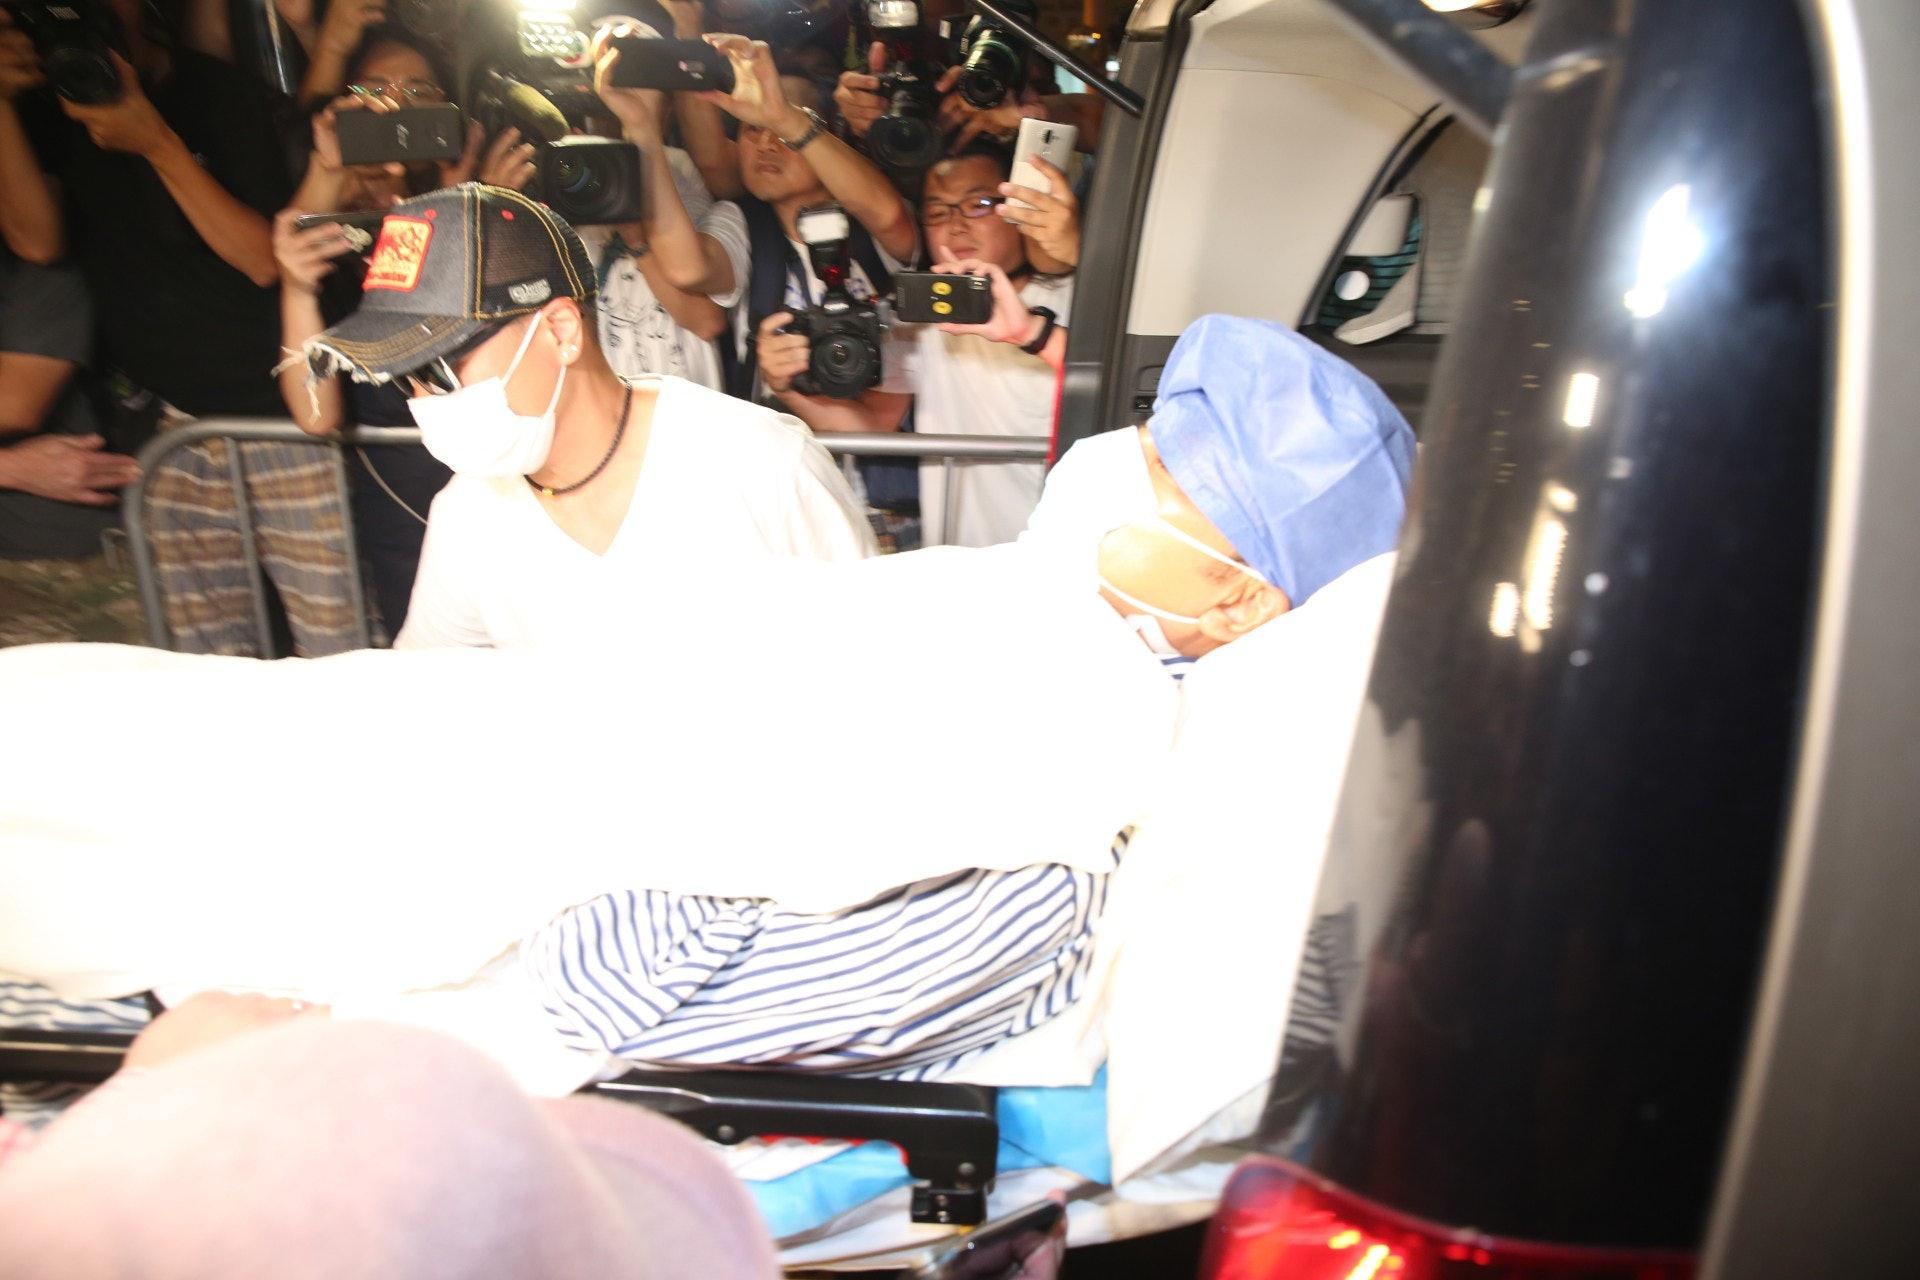 任達華晚上十點半卧床抵達香港港安醫院。 (王譯揚攝)